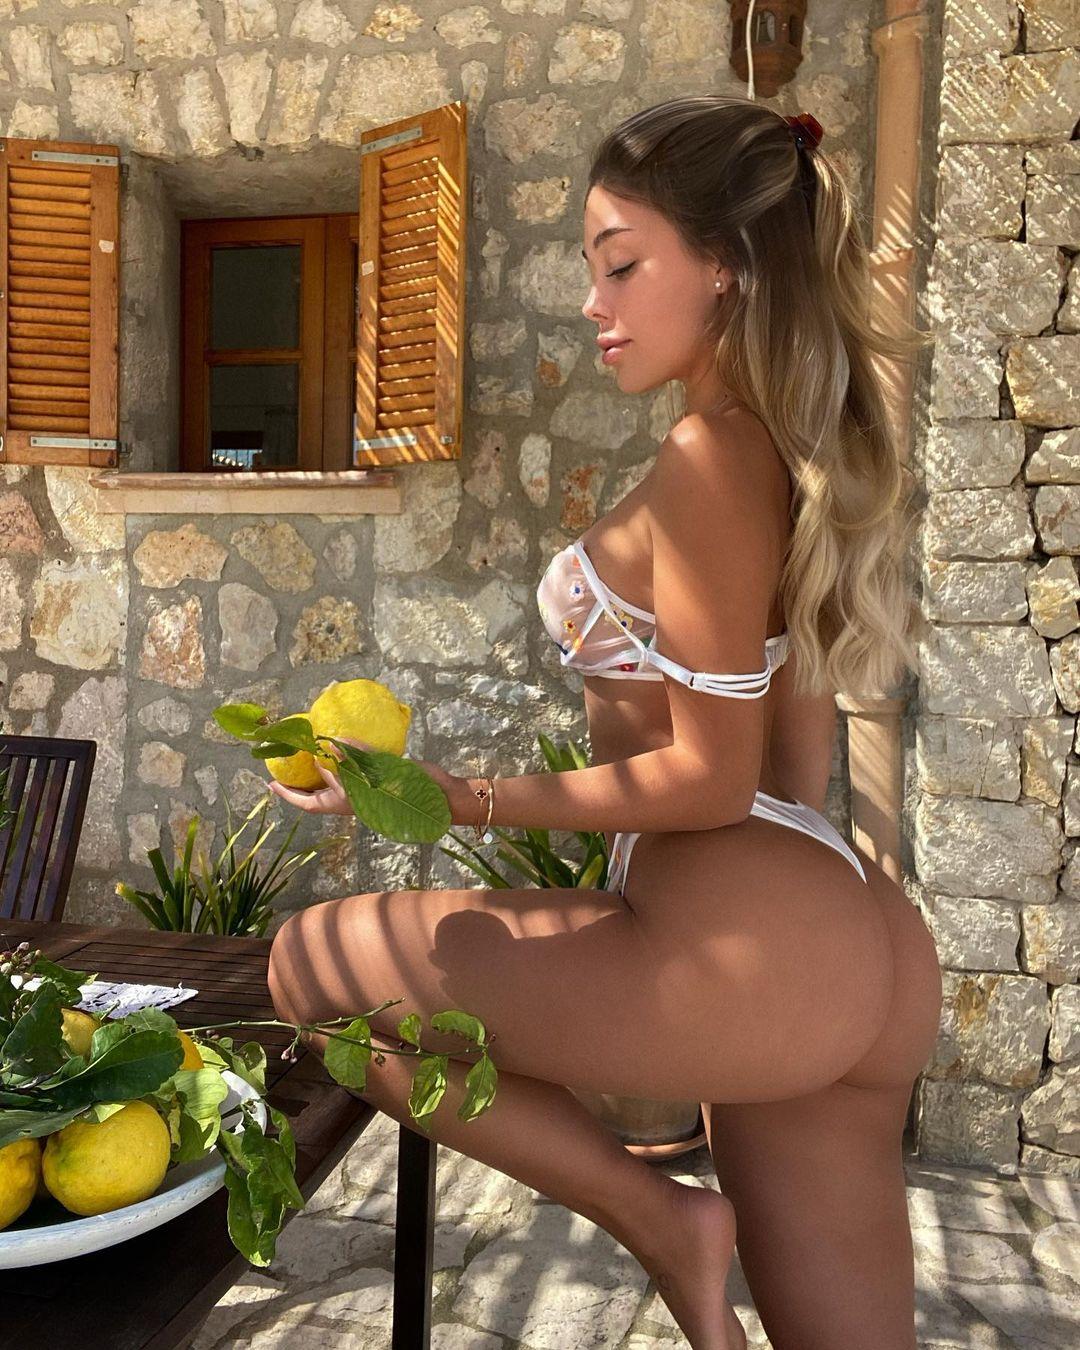 Madeline Mercedes - очаровательная милашка из Instagam 21